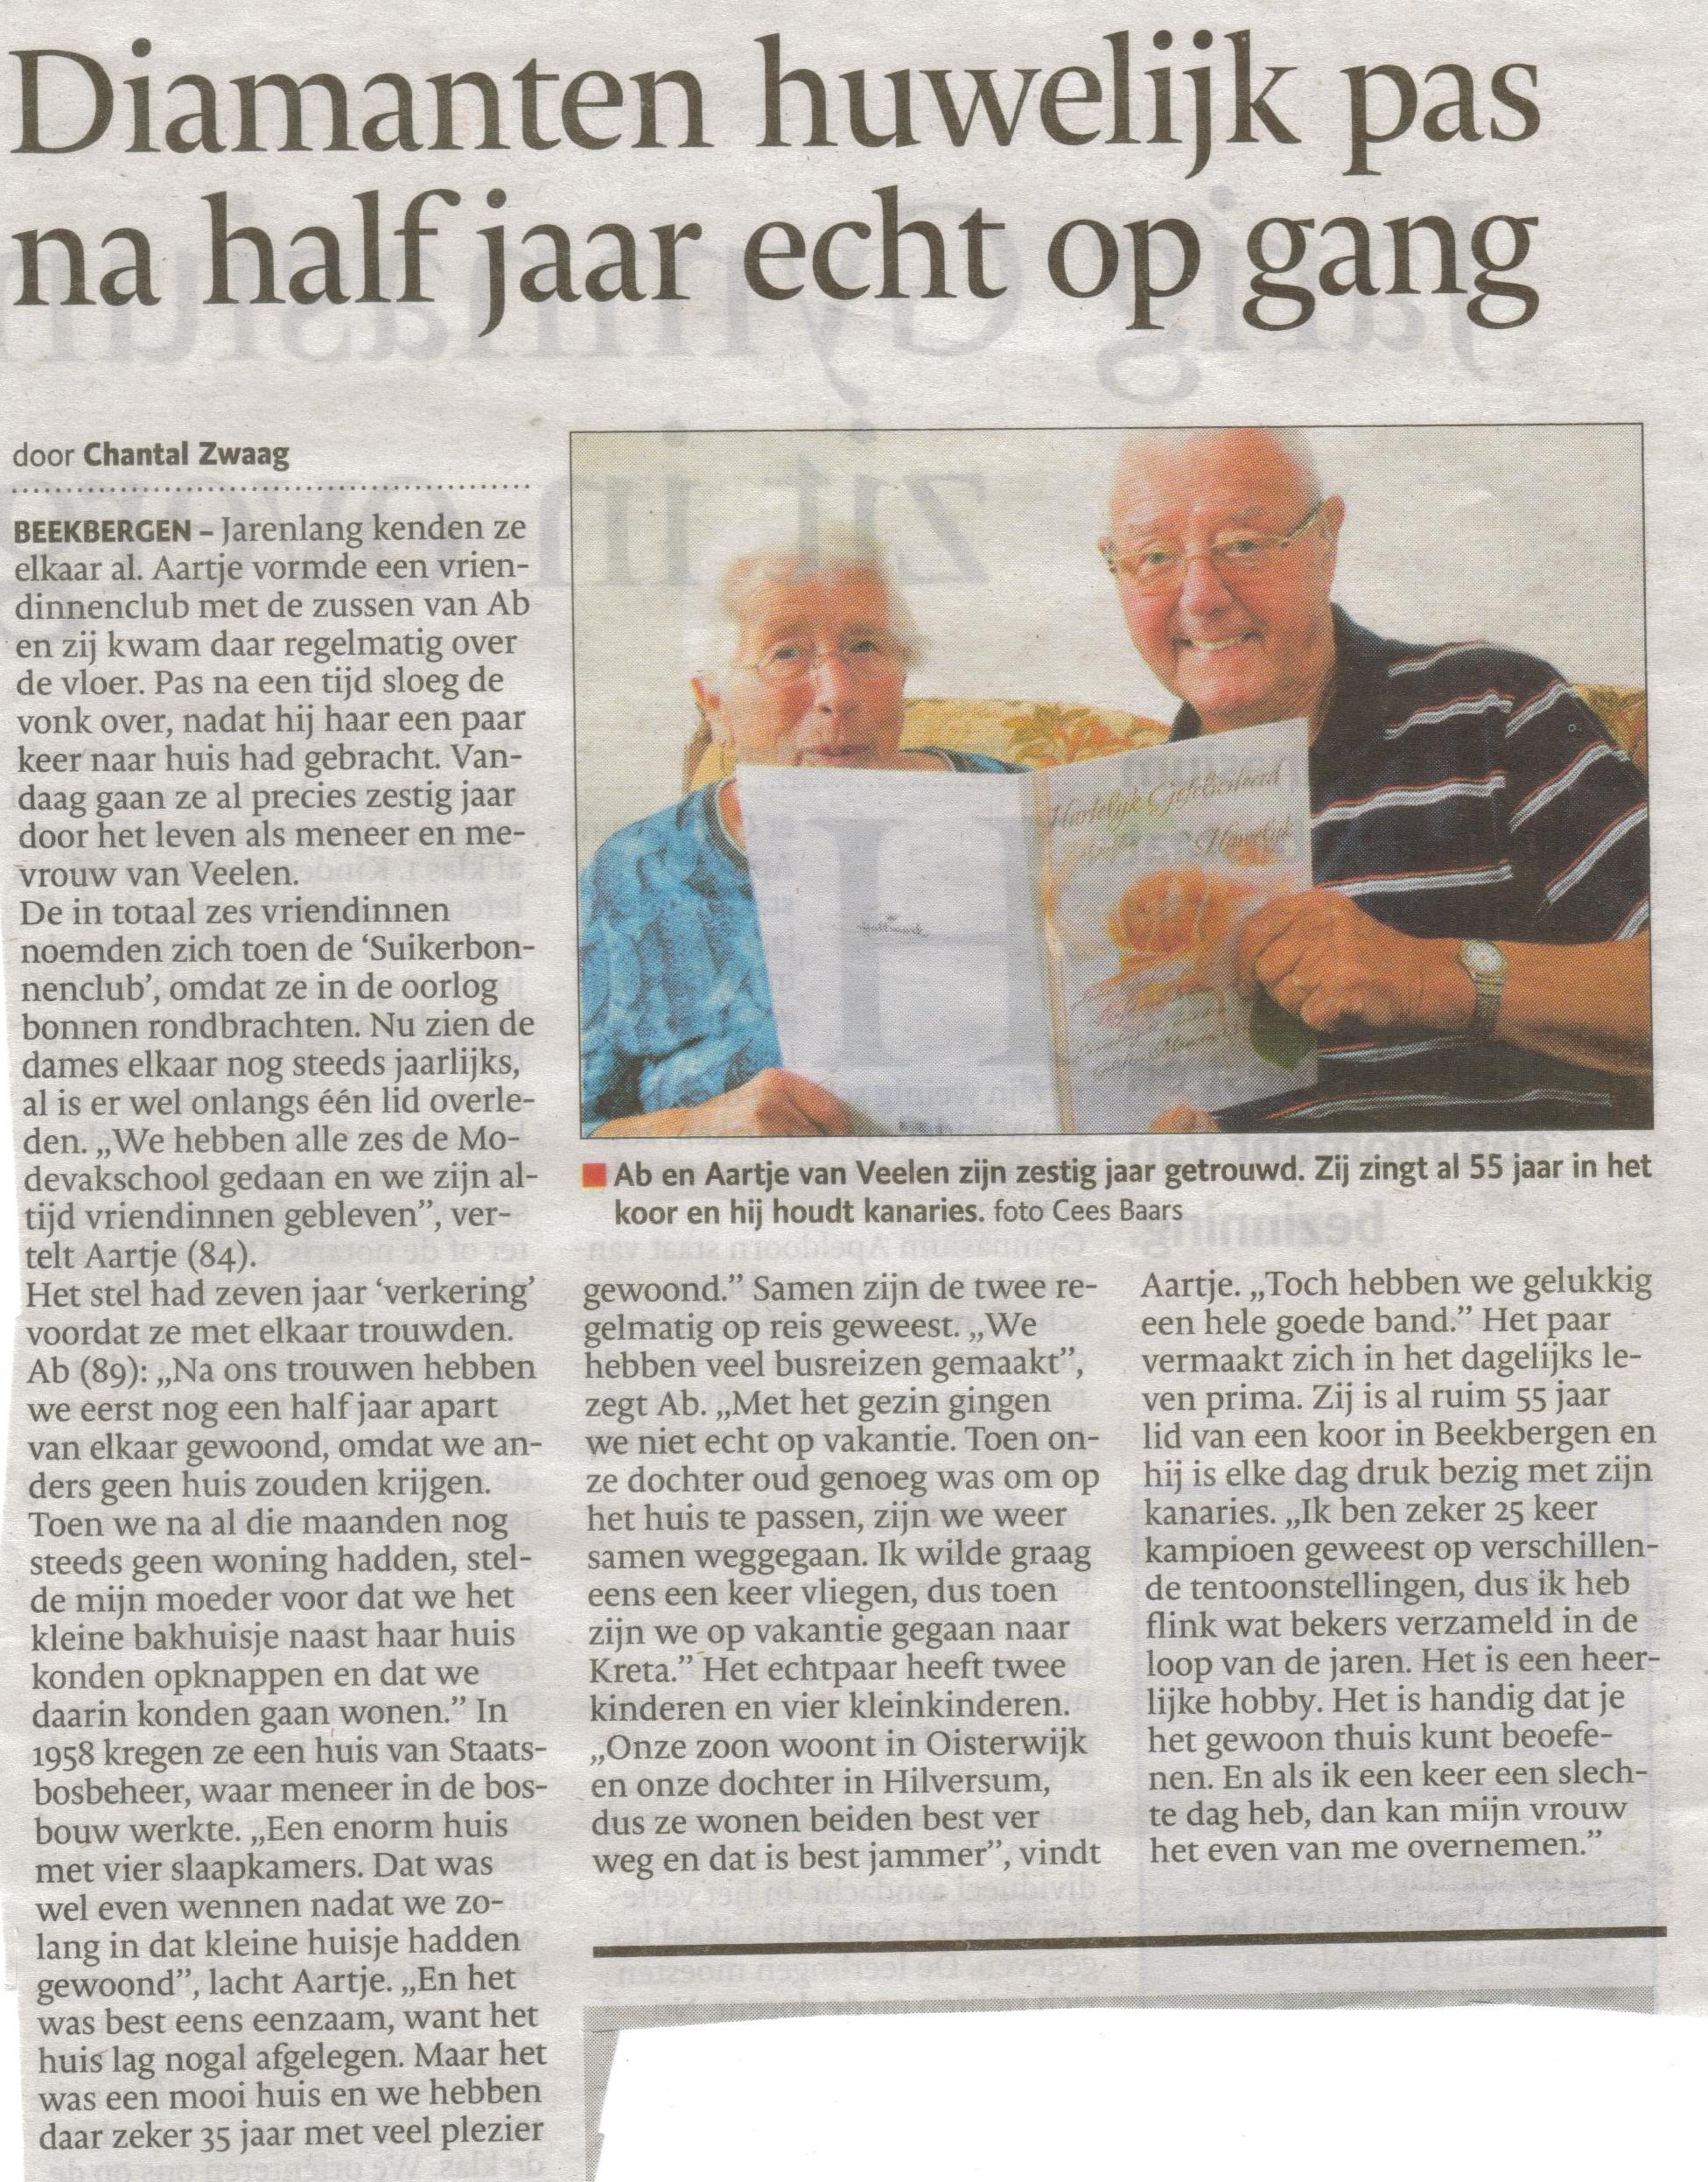 Bron: De Stentor Apeldoorn 17 september 2013